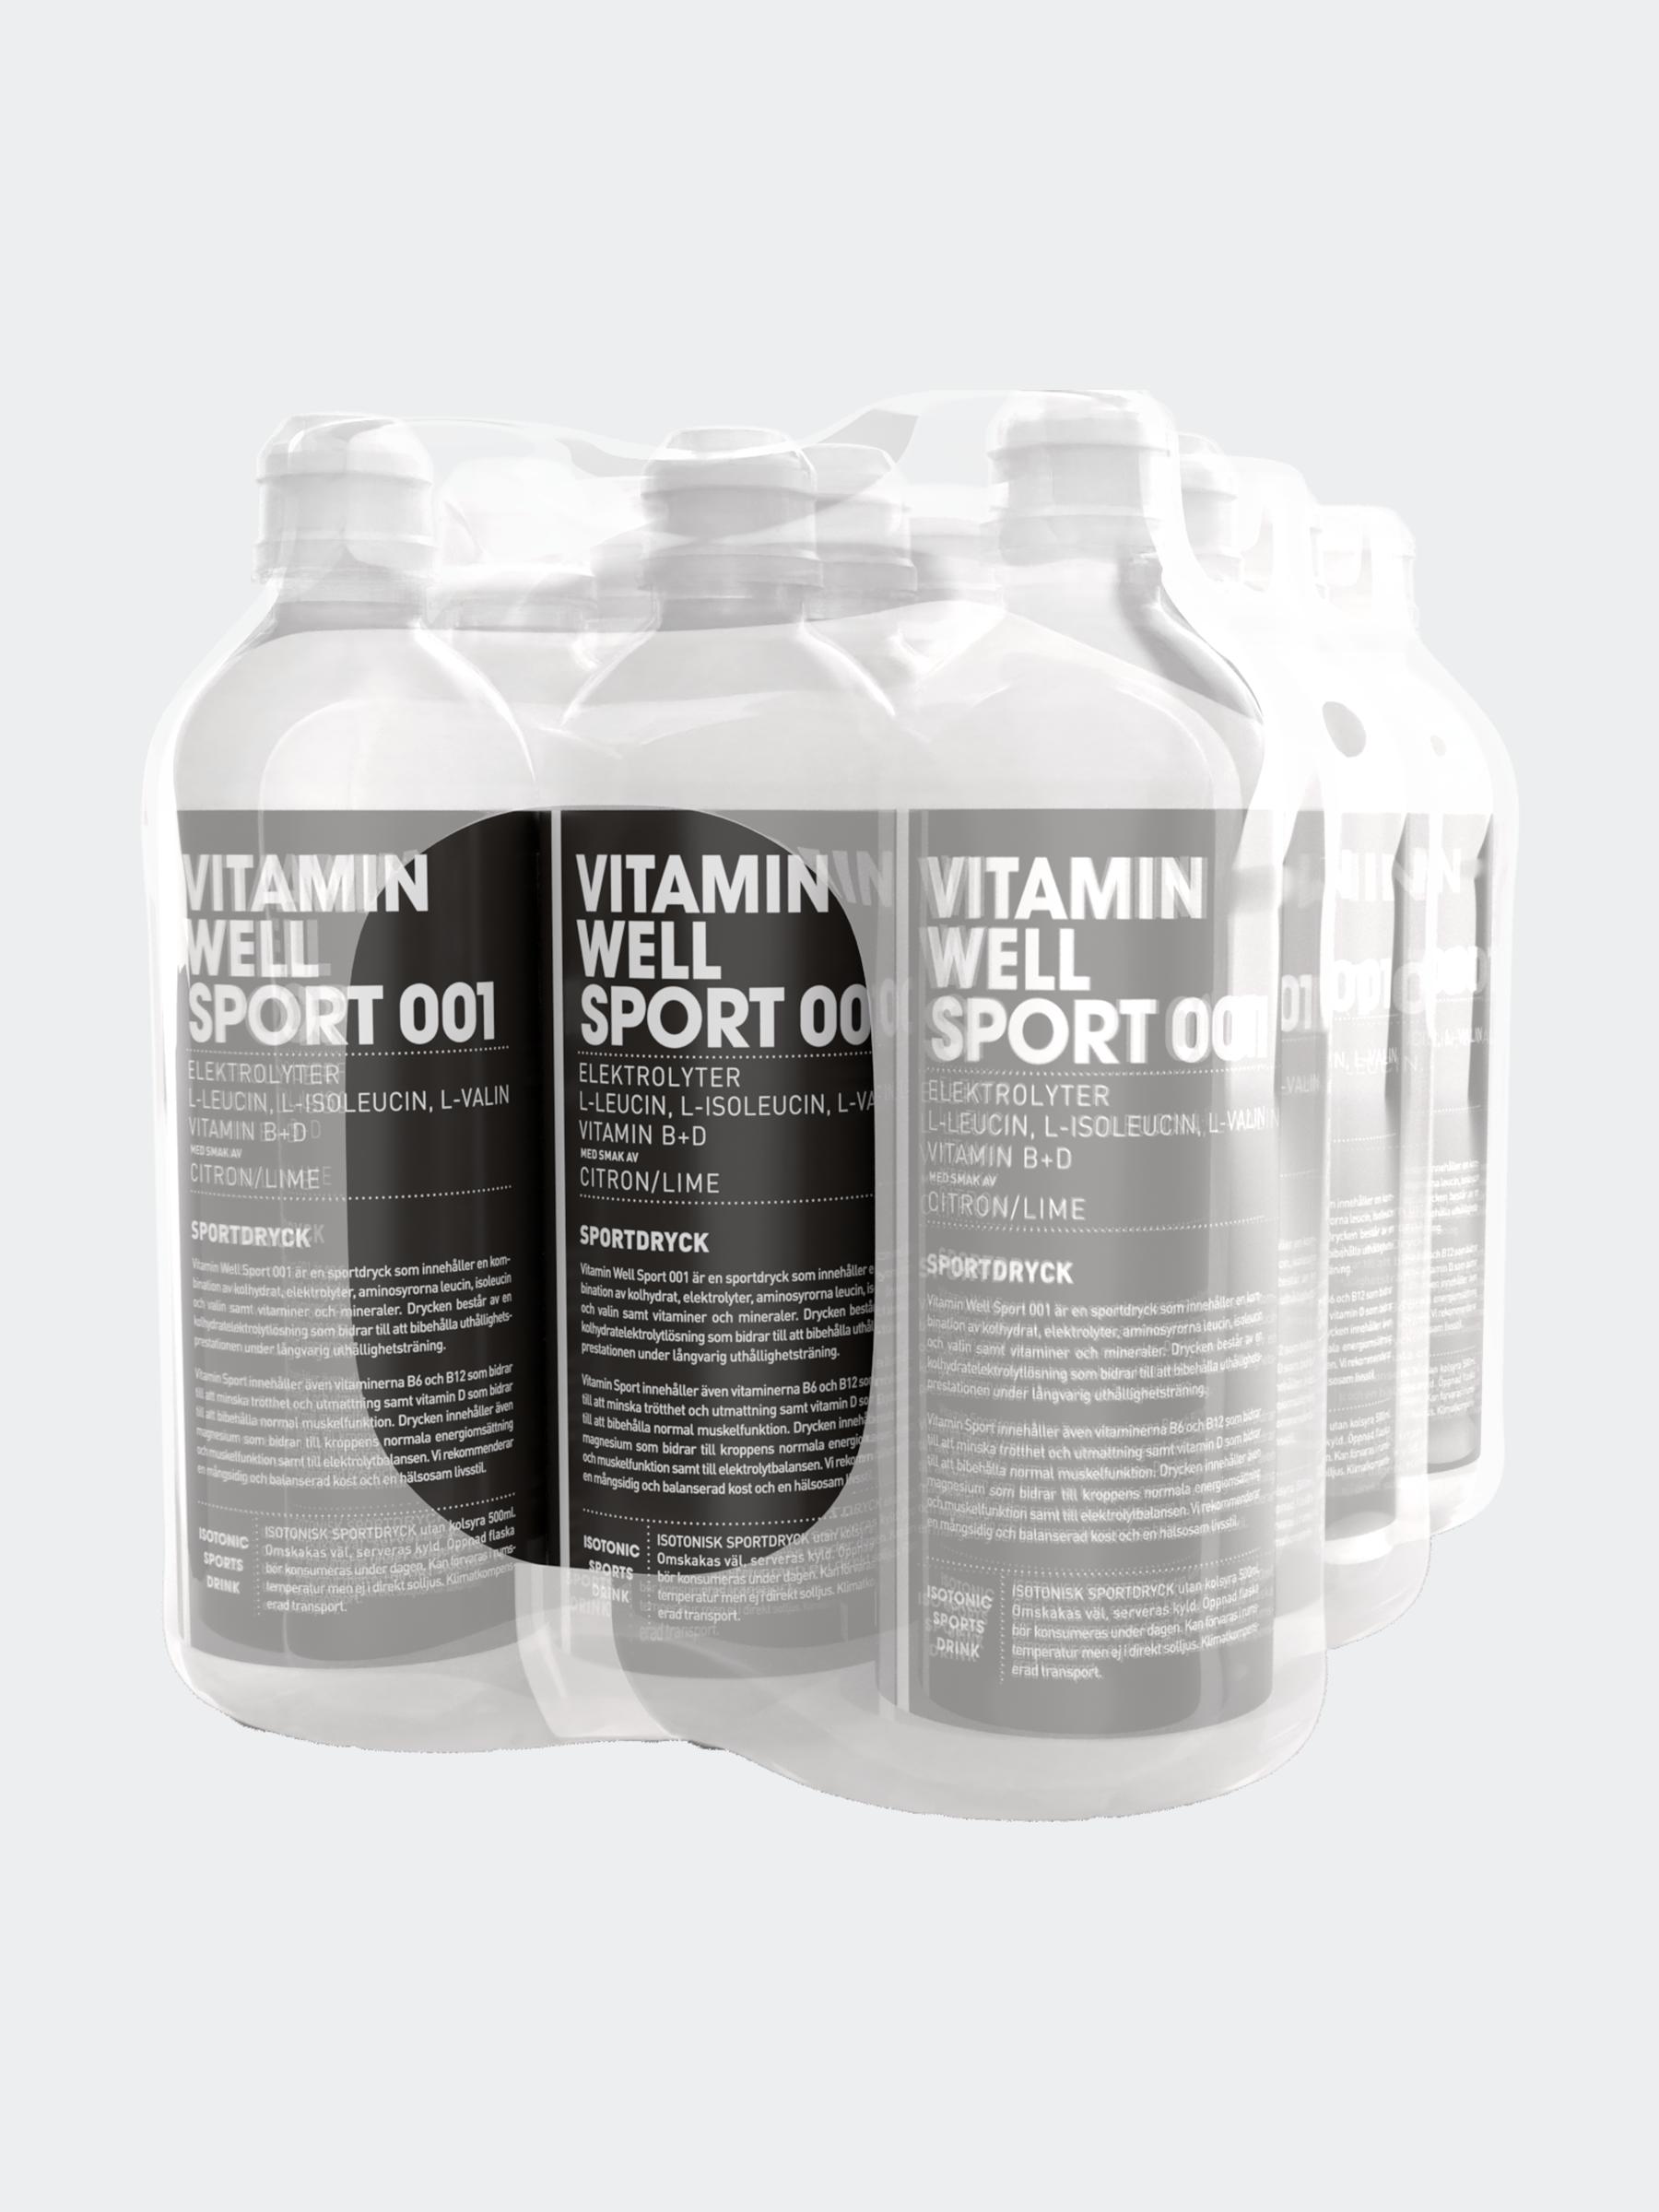 Vitamin Well Sport 001